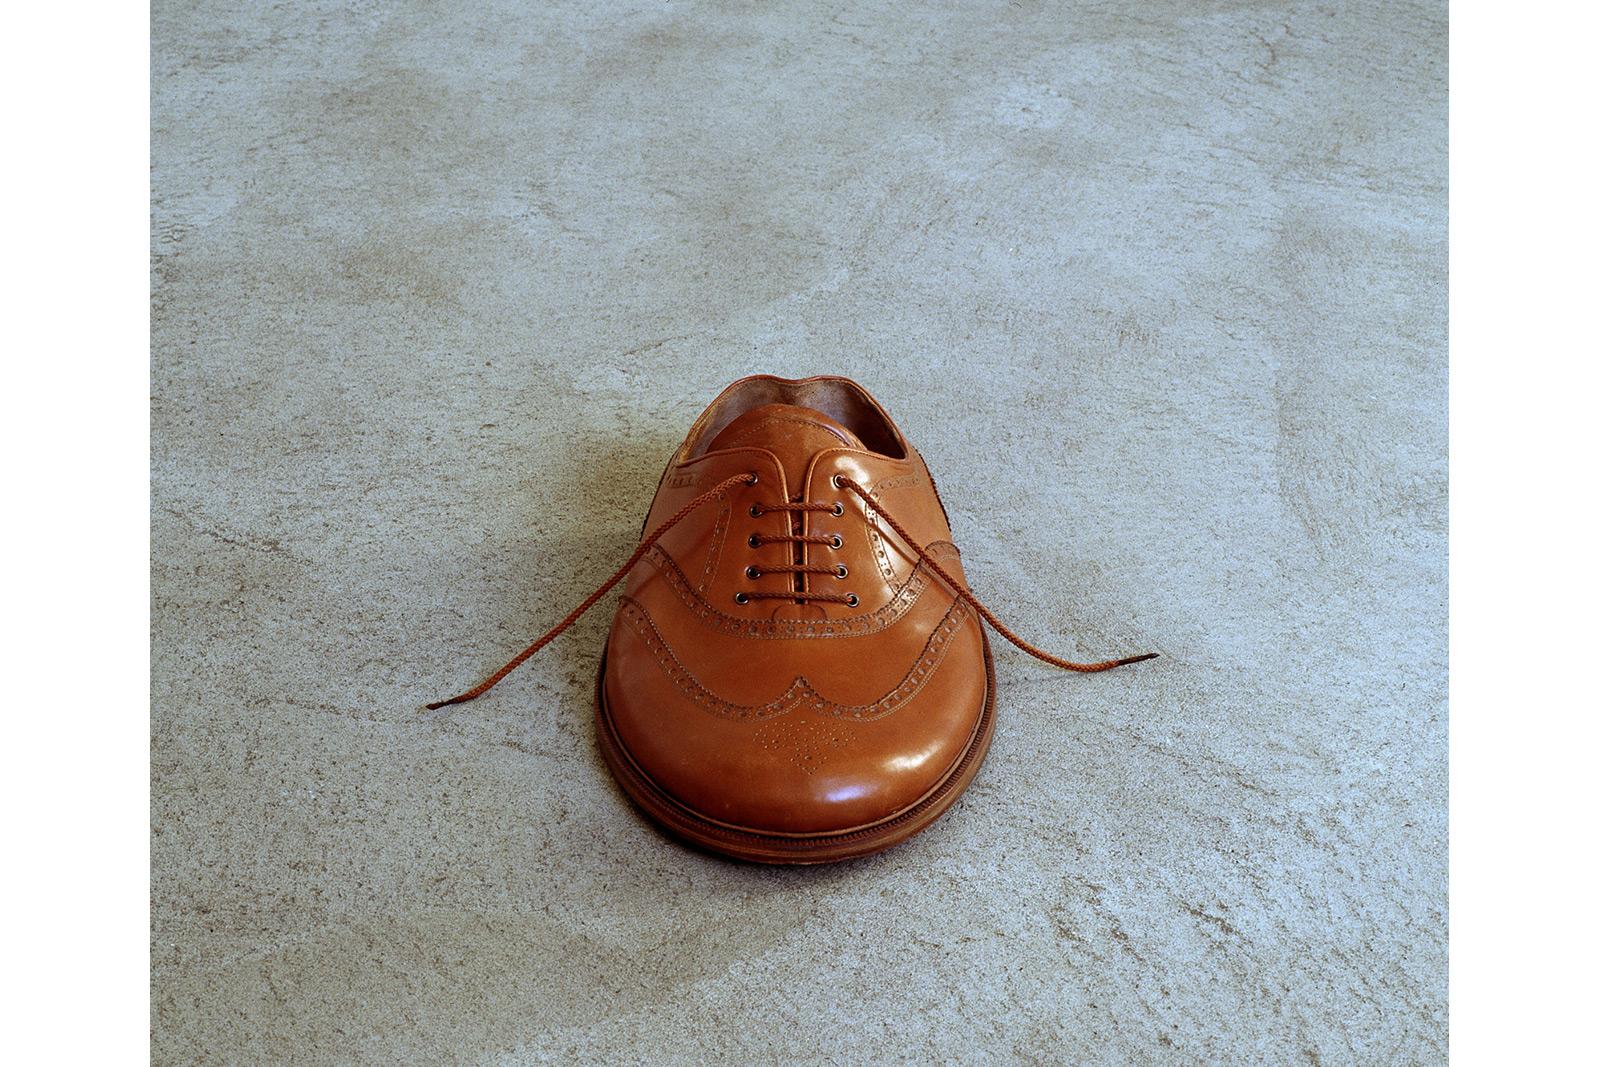 Sculpture of men's shoes